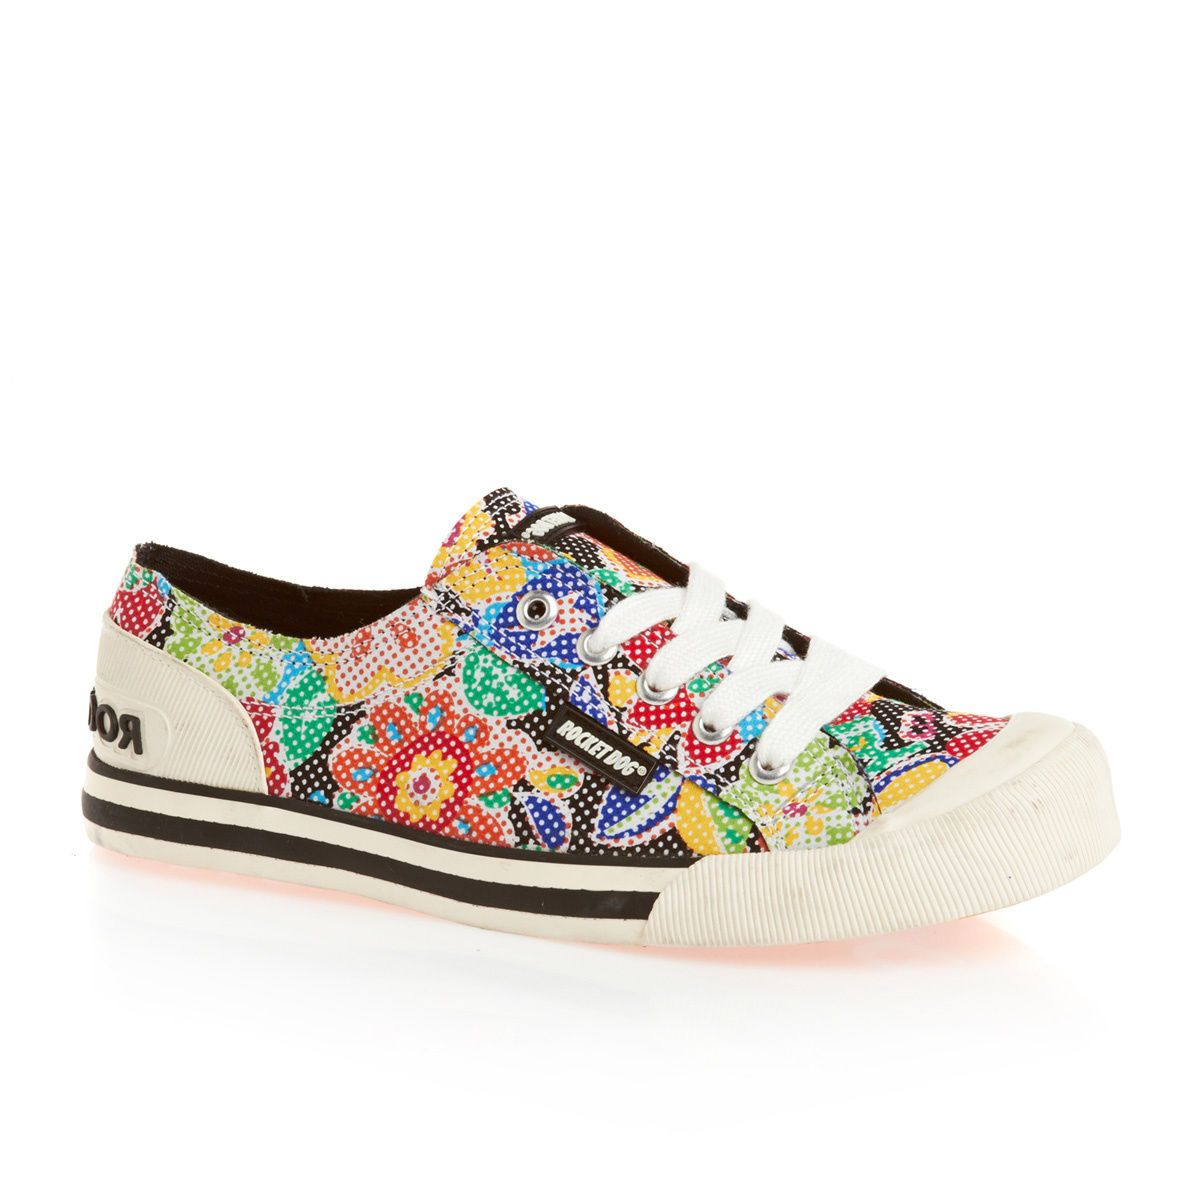 0fa0a7ff8852c7 Rocket Dog Jazzin Shoes - Black Sugar Flower